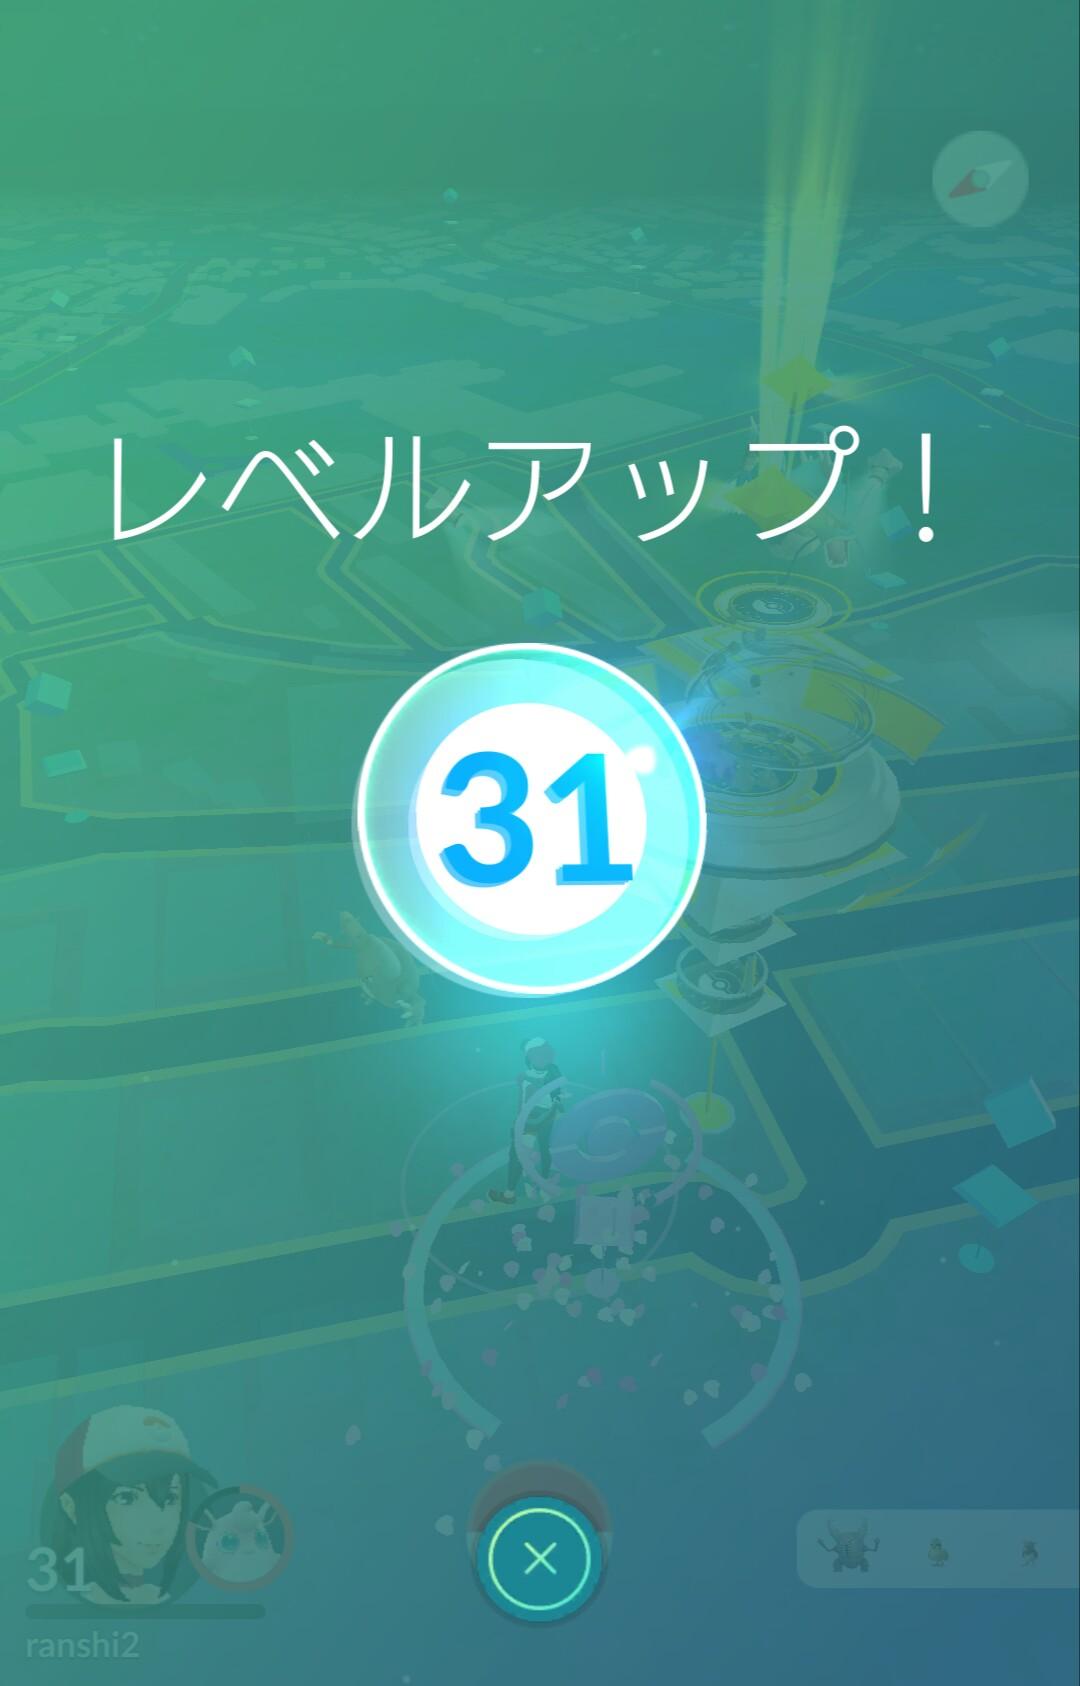 レベル31